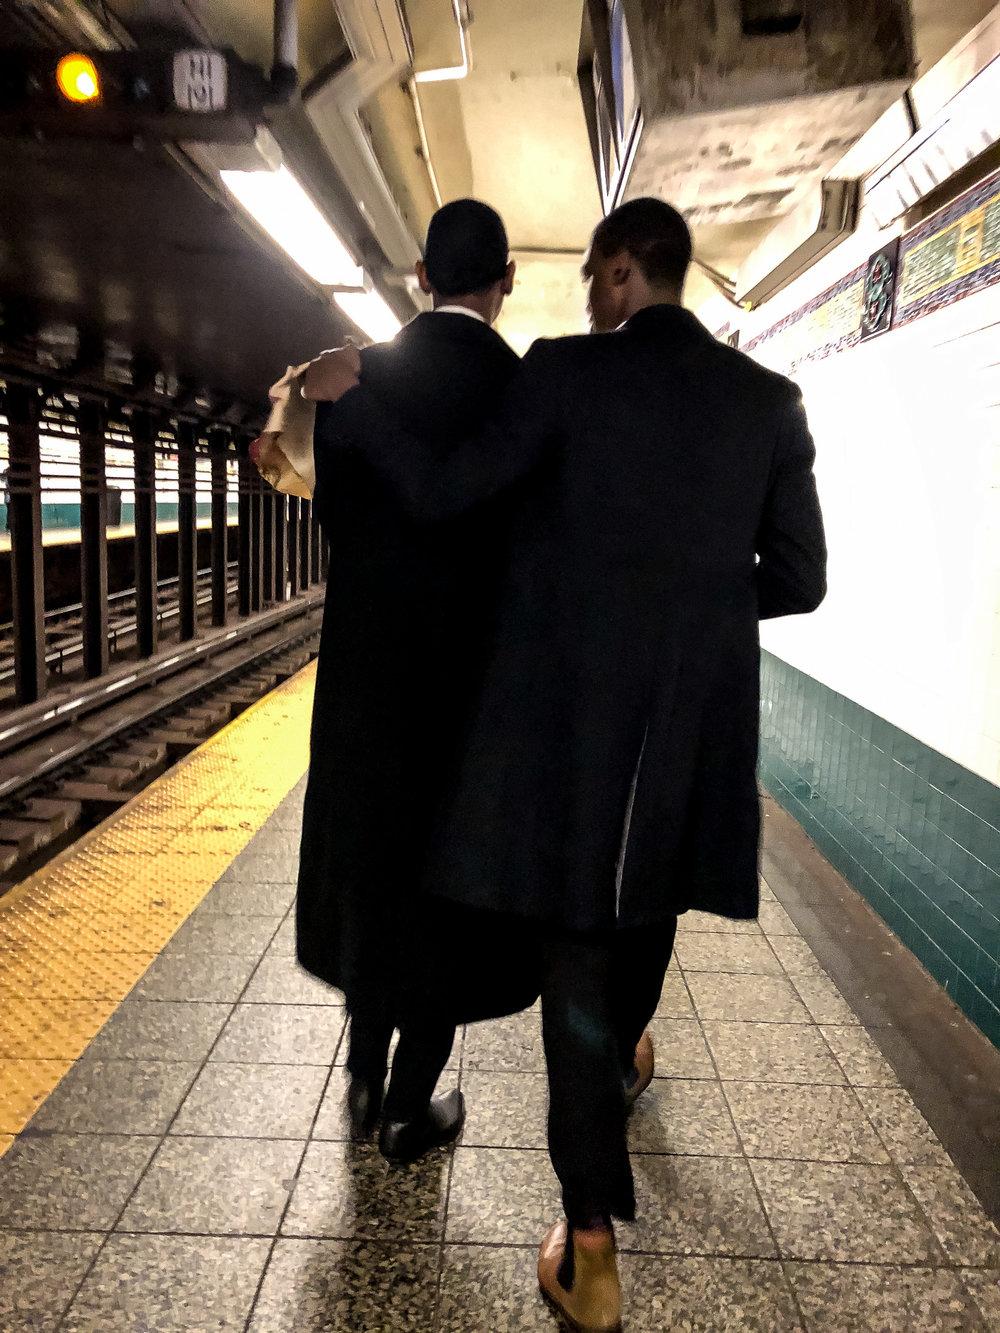 SubwayHalloween-26.jpg